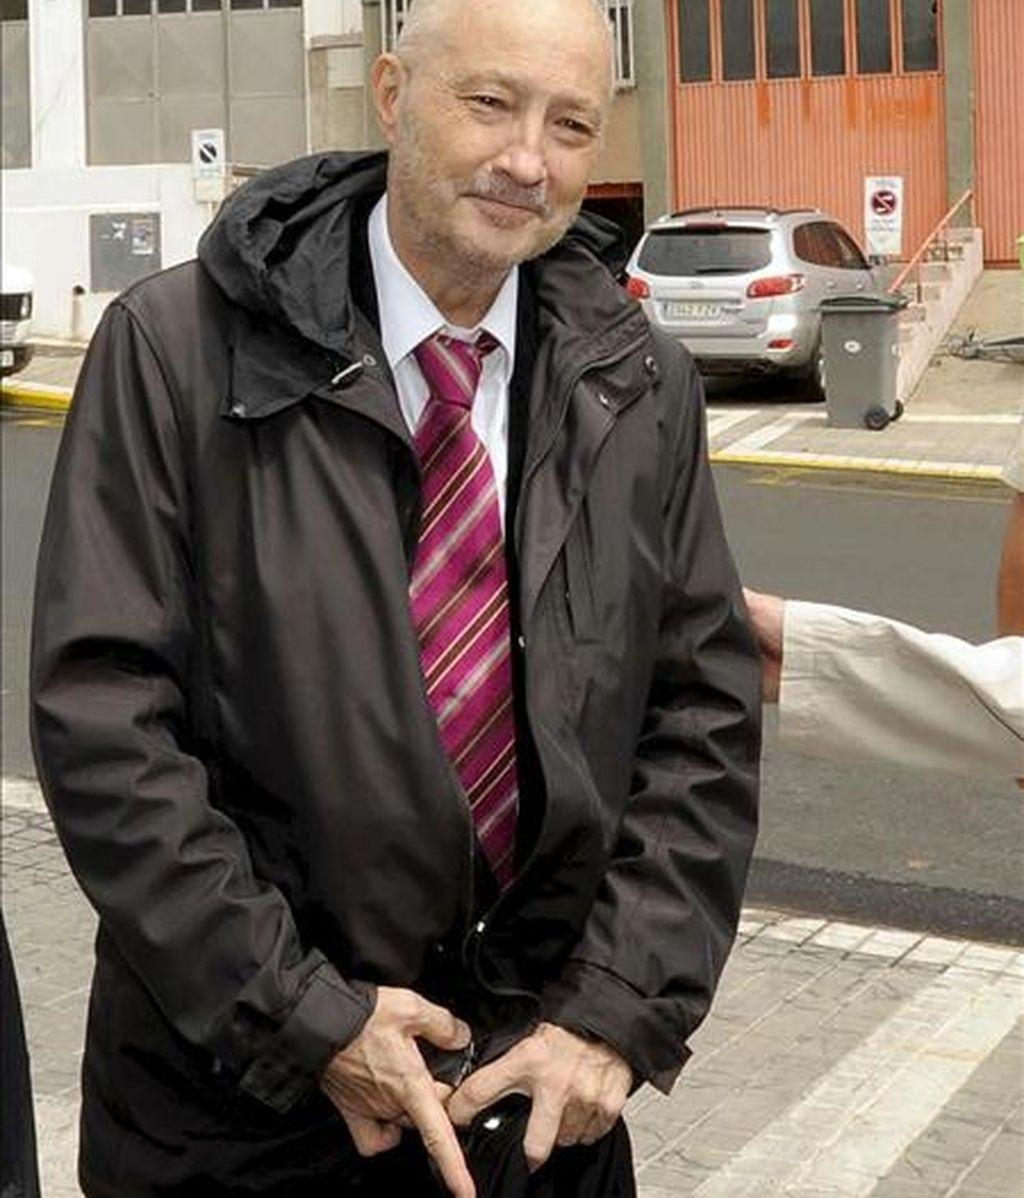 Imagen de archivo (14/06/2010), en su última aparición pública, del ex presidente del Gobierno de Canarias Adán Martín que falleció, a los 66 años de edad, en la madrugada de hoy en el Hospital Clínico de Barcelona, donde se encontraba ingresado desde el pasado verano para ser tratado del cáncer que padecía desde hace más de diez años. EFE